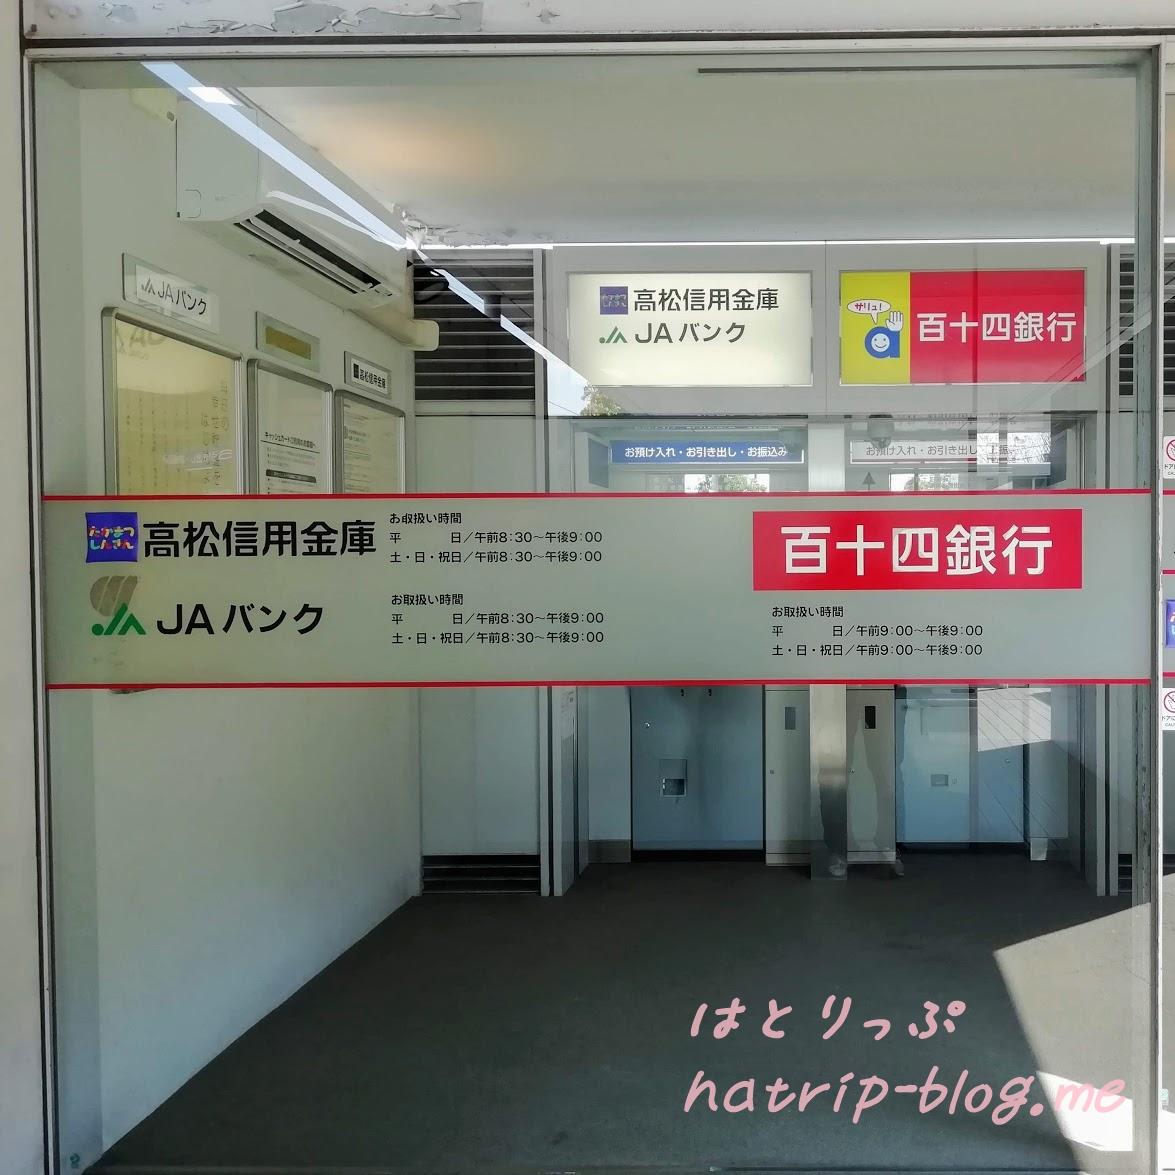 道の駅 香南楽湯 百十四銀行